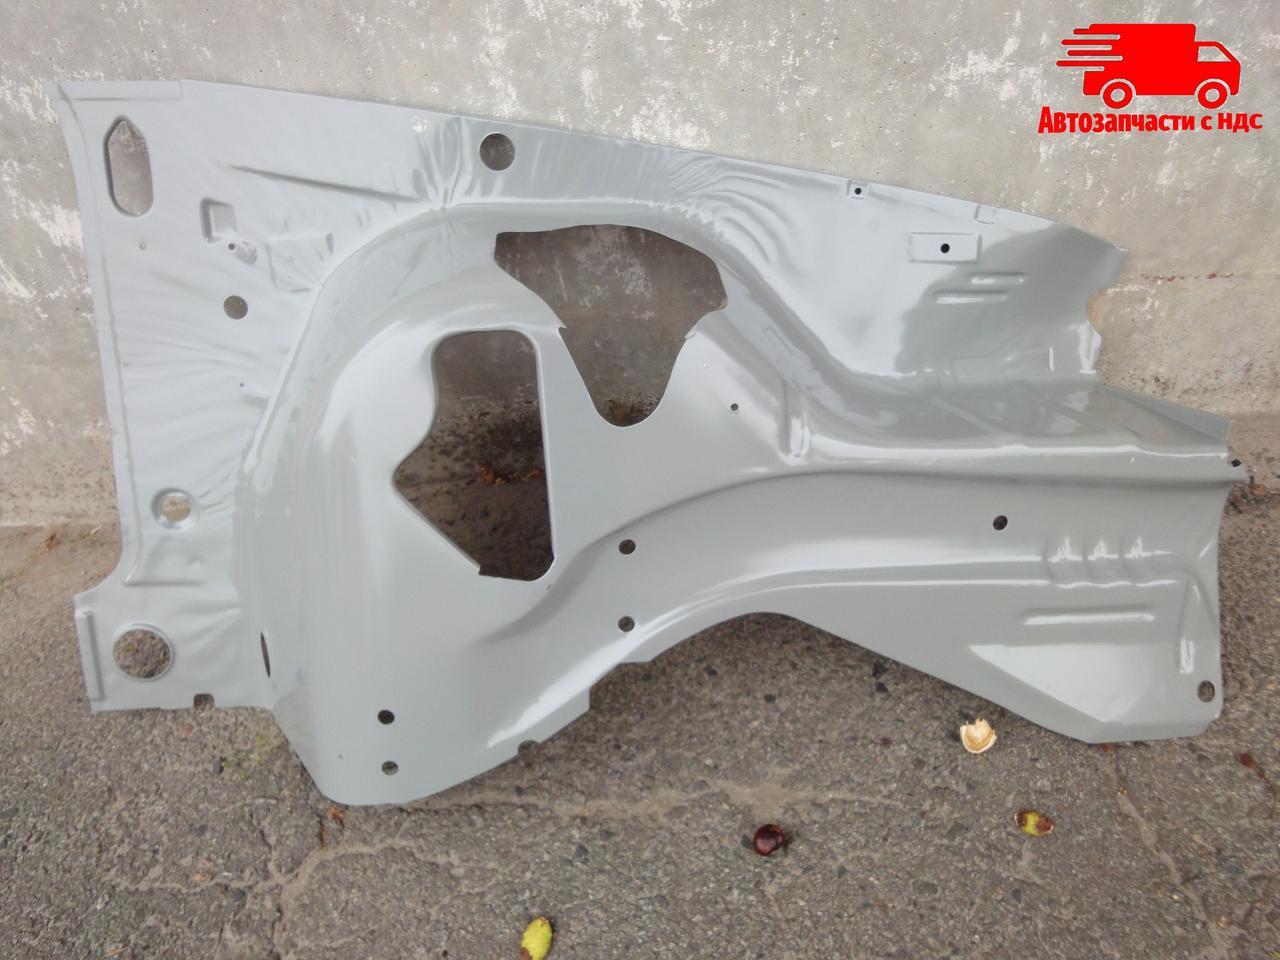 Брызговик крыла ВАЗ 2108 переднего левого без лонжерона (пр-во АвтоВАЗ). 21080-840326500. Ціна з ПДВ.